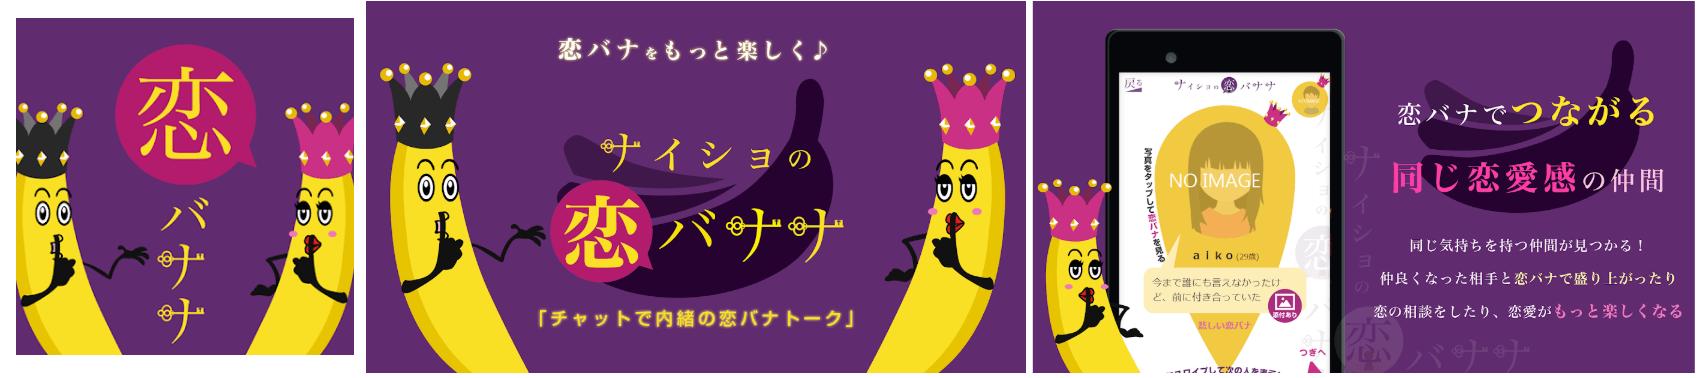 悪質出会い系アプリ「ナイショの恋バナナ」